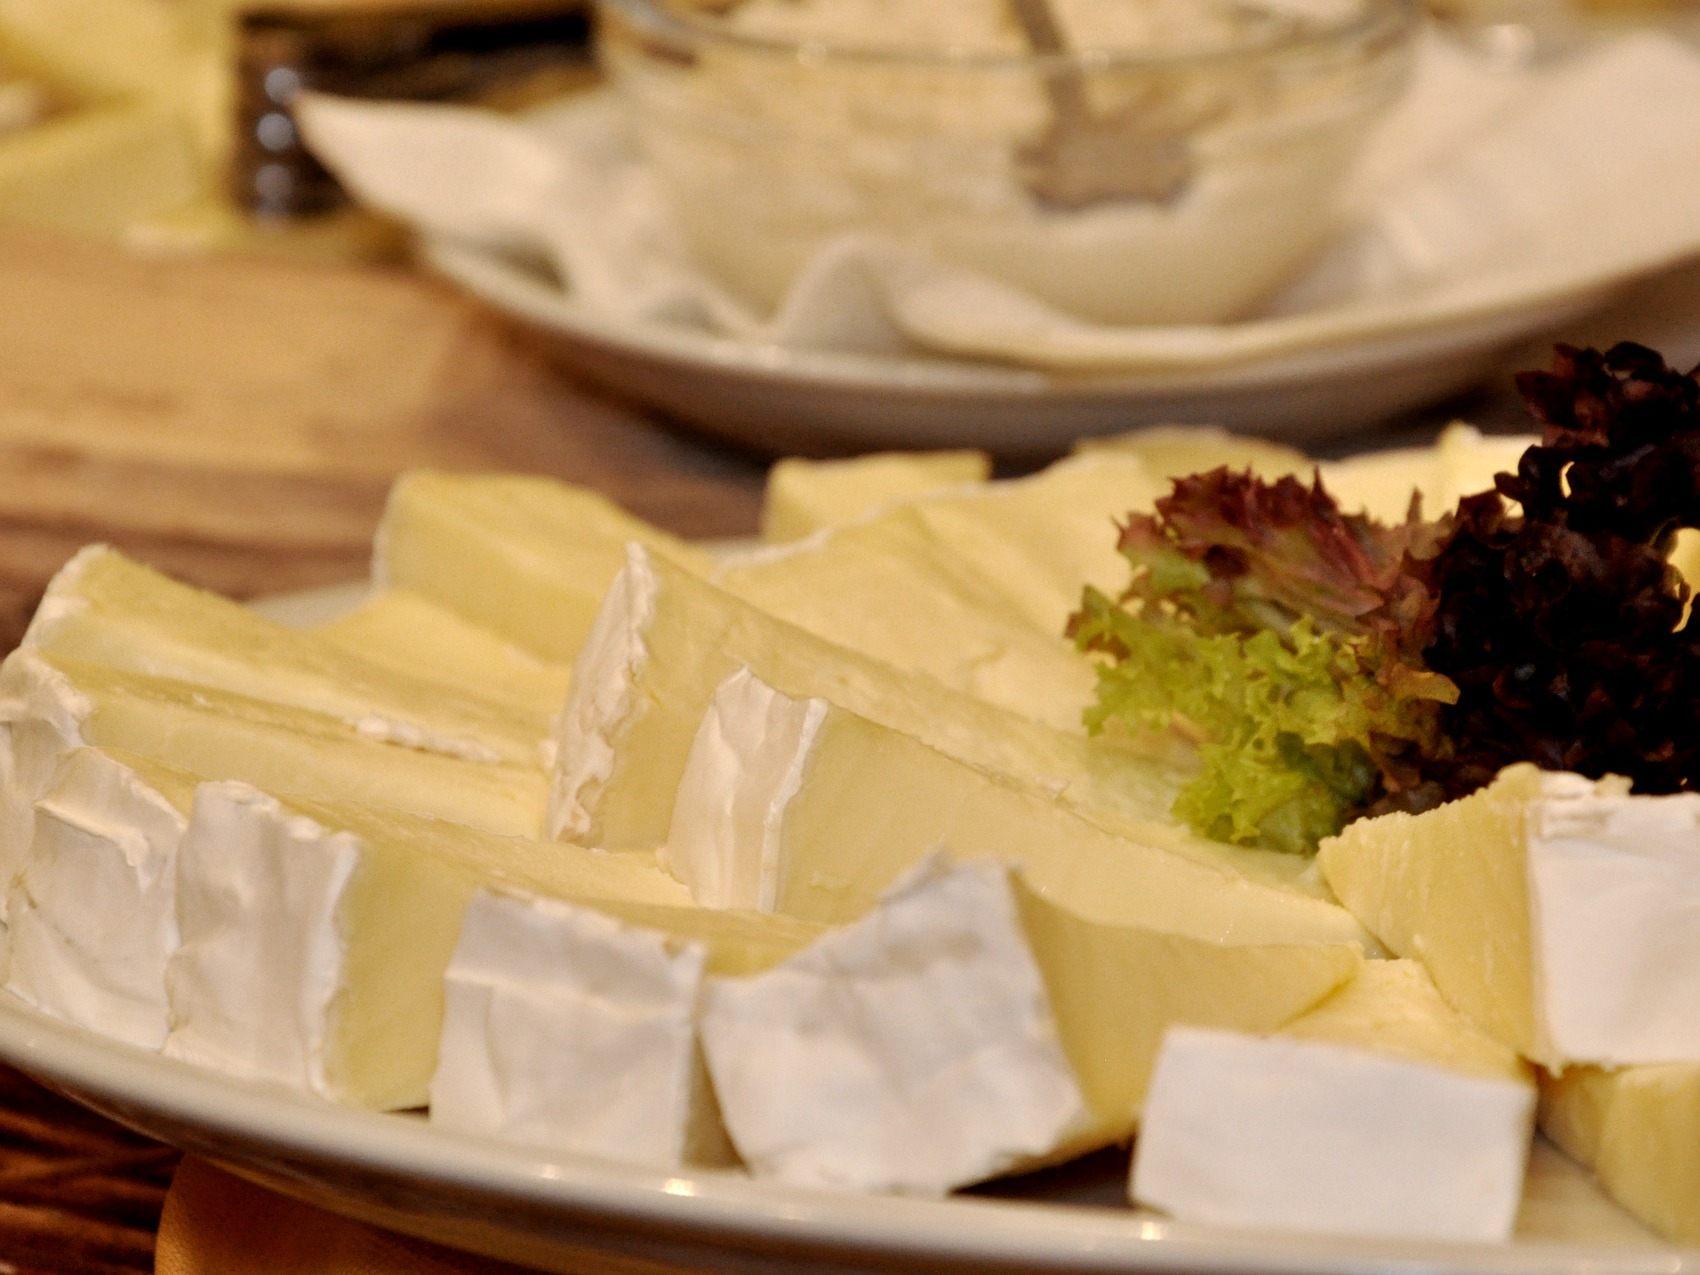 Listerien-Gefahr: Supermarkt ruft Brie Käse zurück